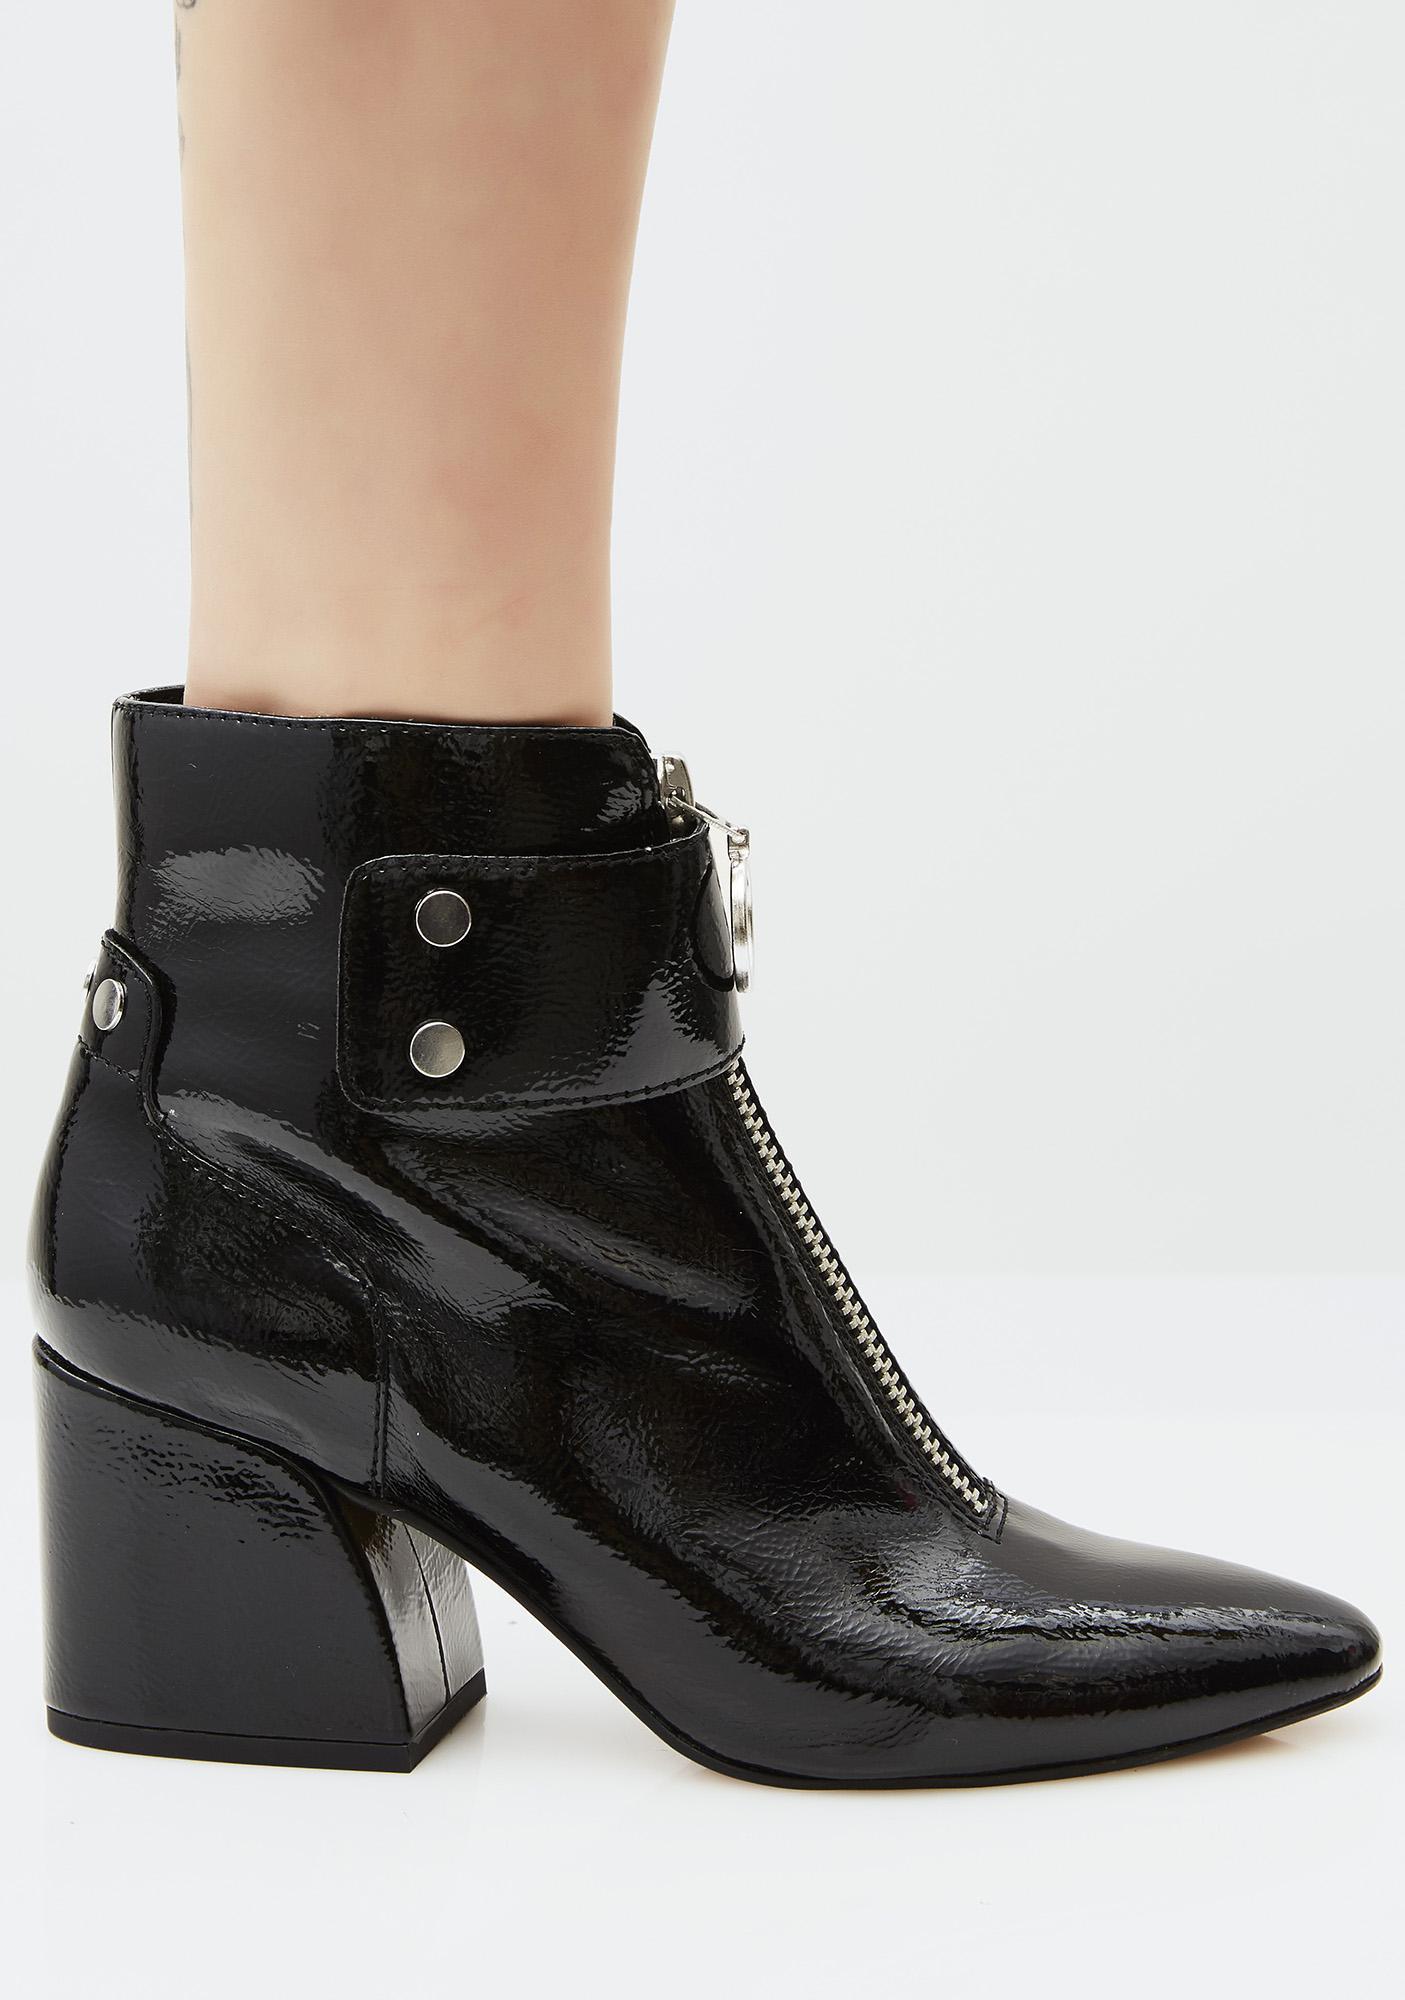 Dolce Vita Varra Zip-Up Booties